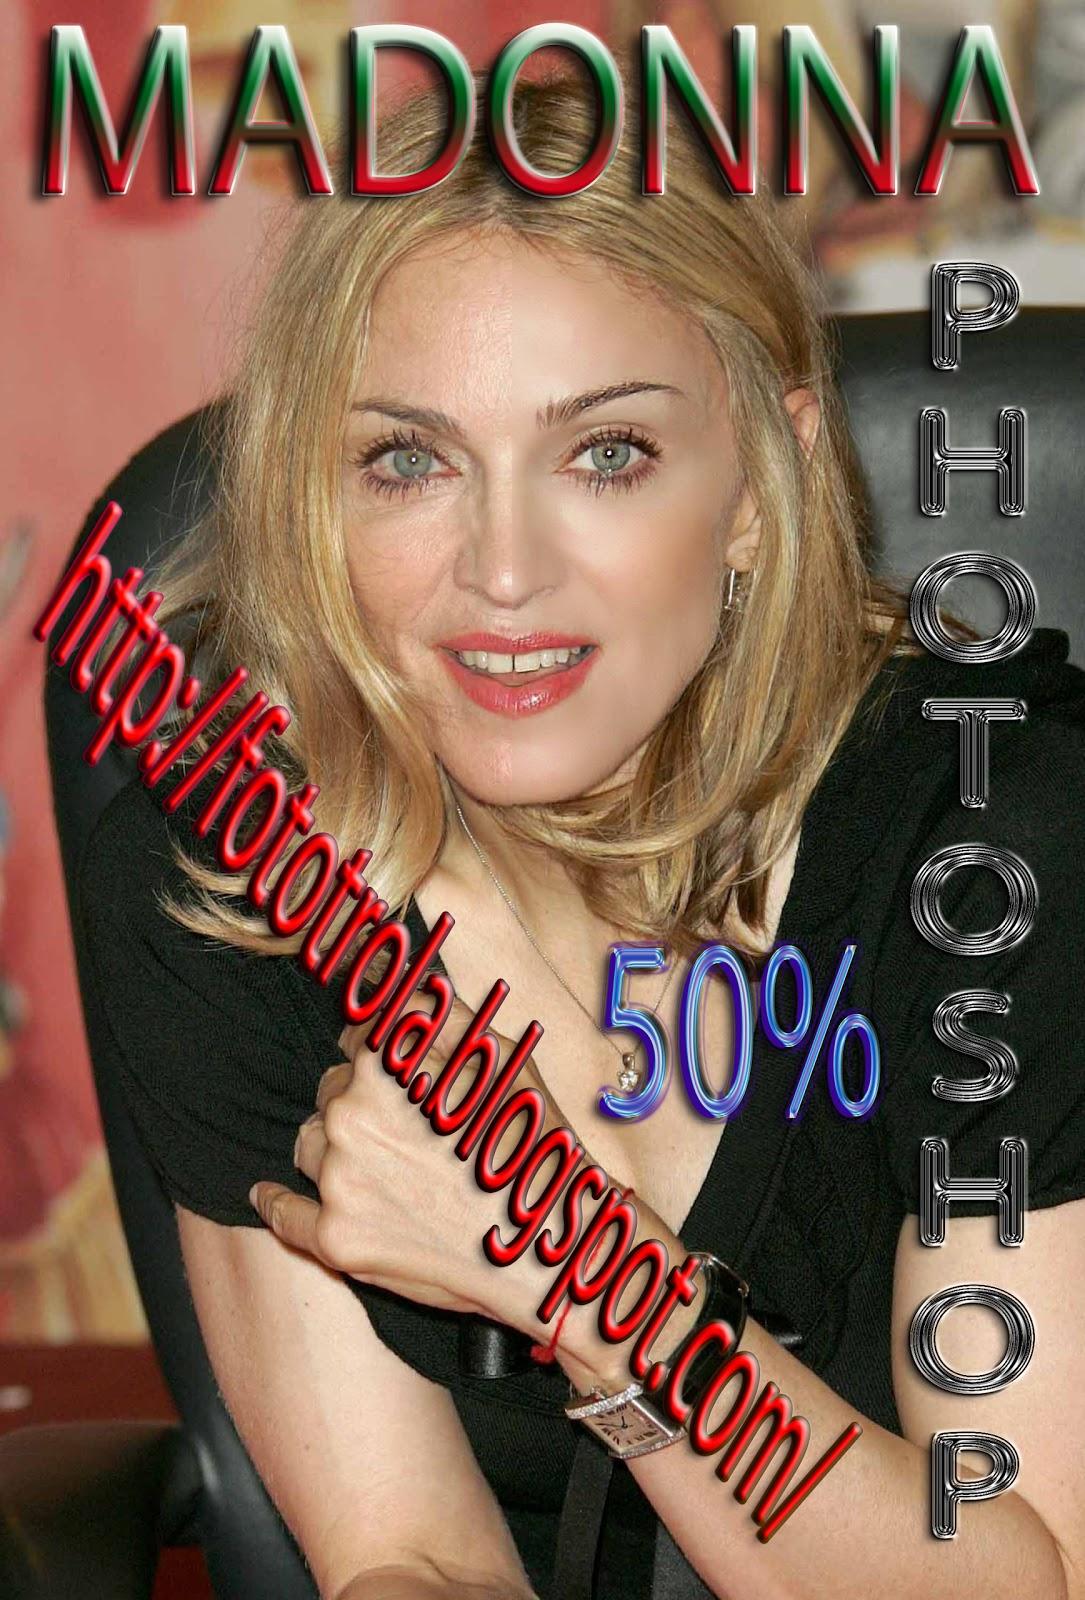 http://3.bp.blogspot.com/-Vc-4l6XEI6Q/TZQZSjdVw-I/AAAAAAAAAvs/mvgl9GcgN40/s1600/Madonna+BY+FOTOTROLA.jpg